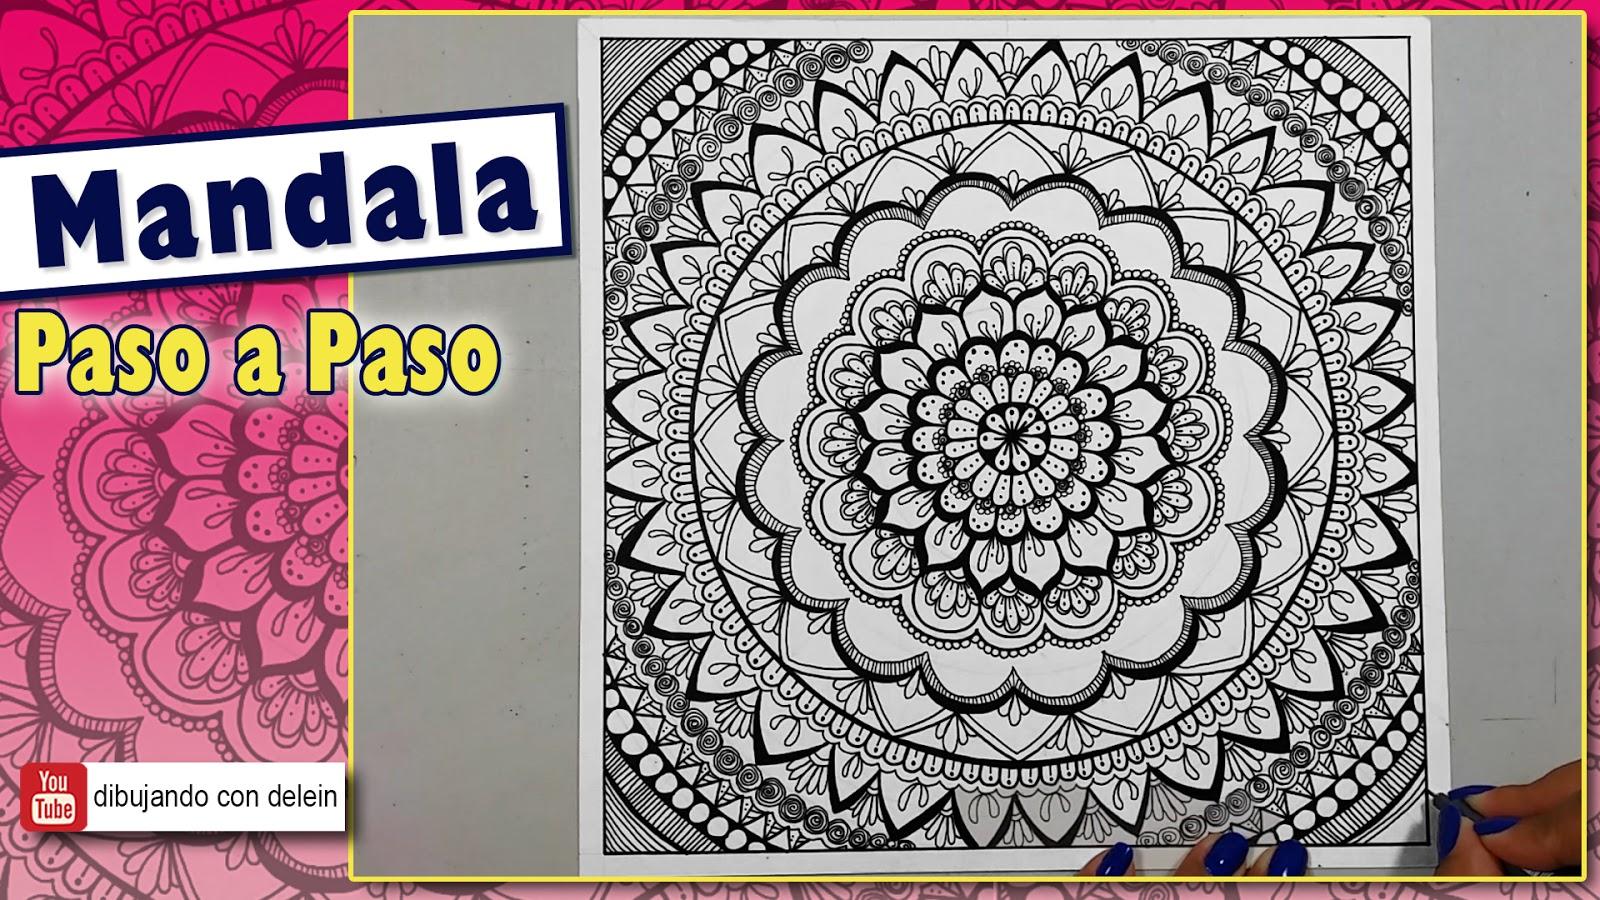 Dibujando Con Delein Como Hacer Una Libreta De Dibujo: Dibujando Con Delein: Tips Para Dibujar Mandala, Mandala #29